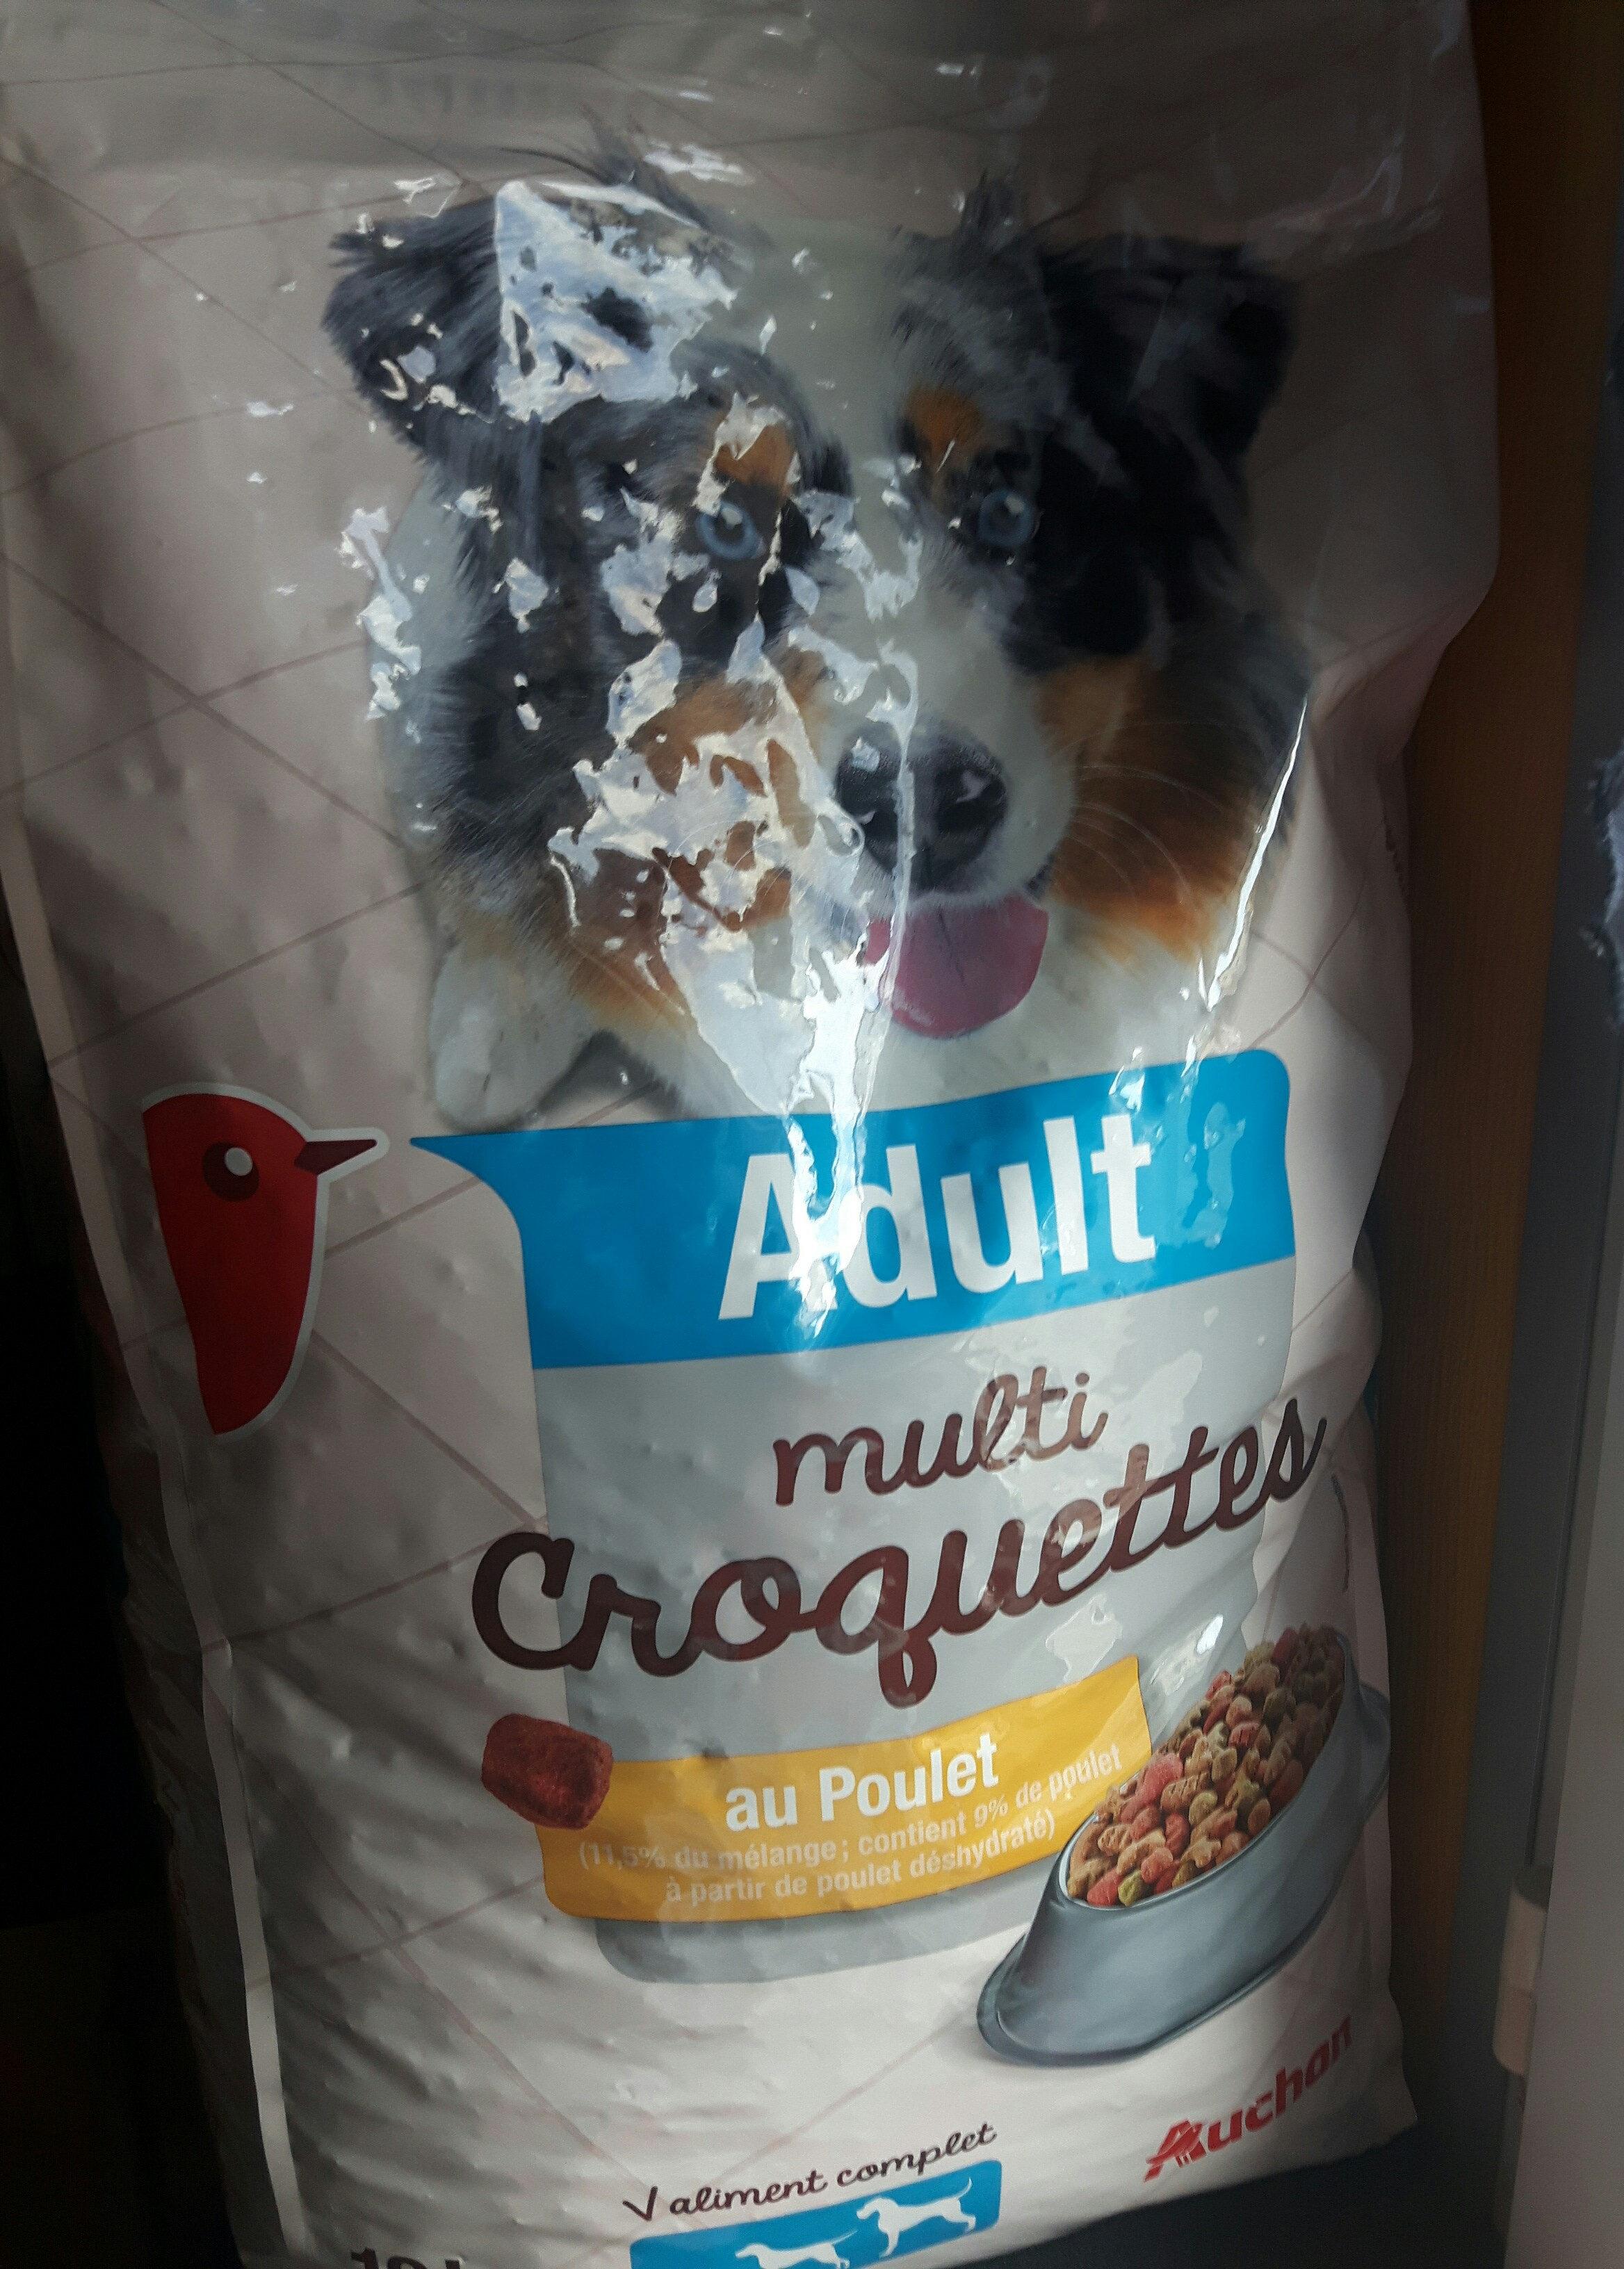 multi croquettes au poulet - Product